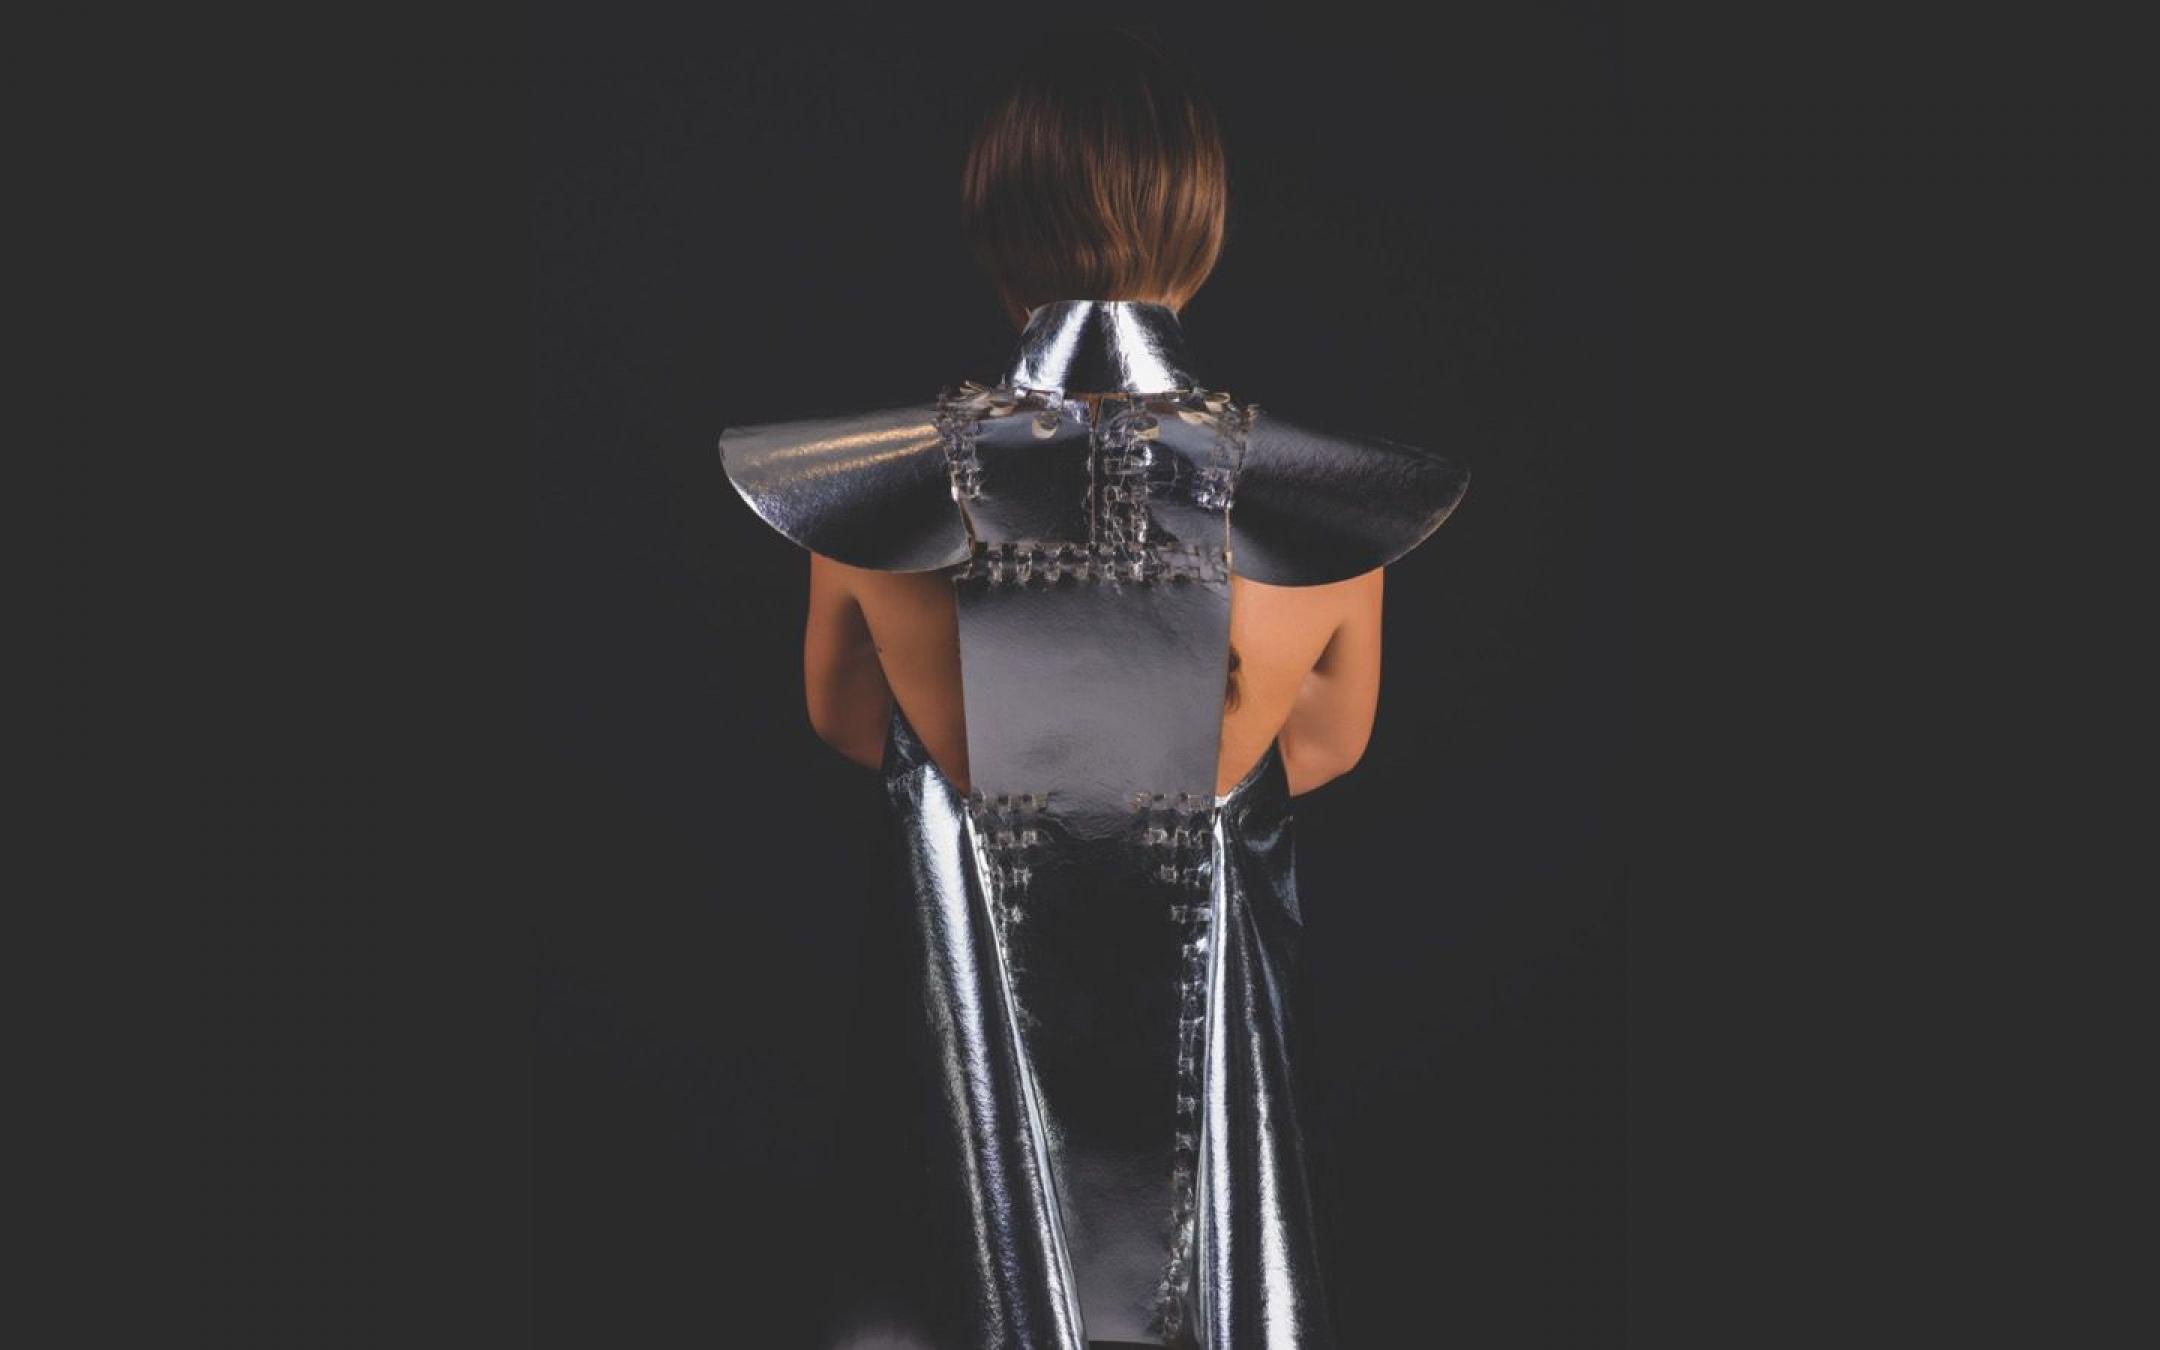 AKKA costume design